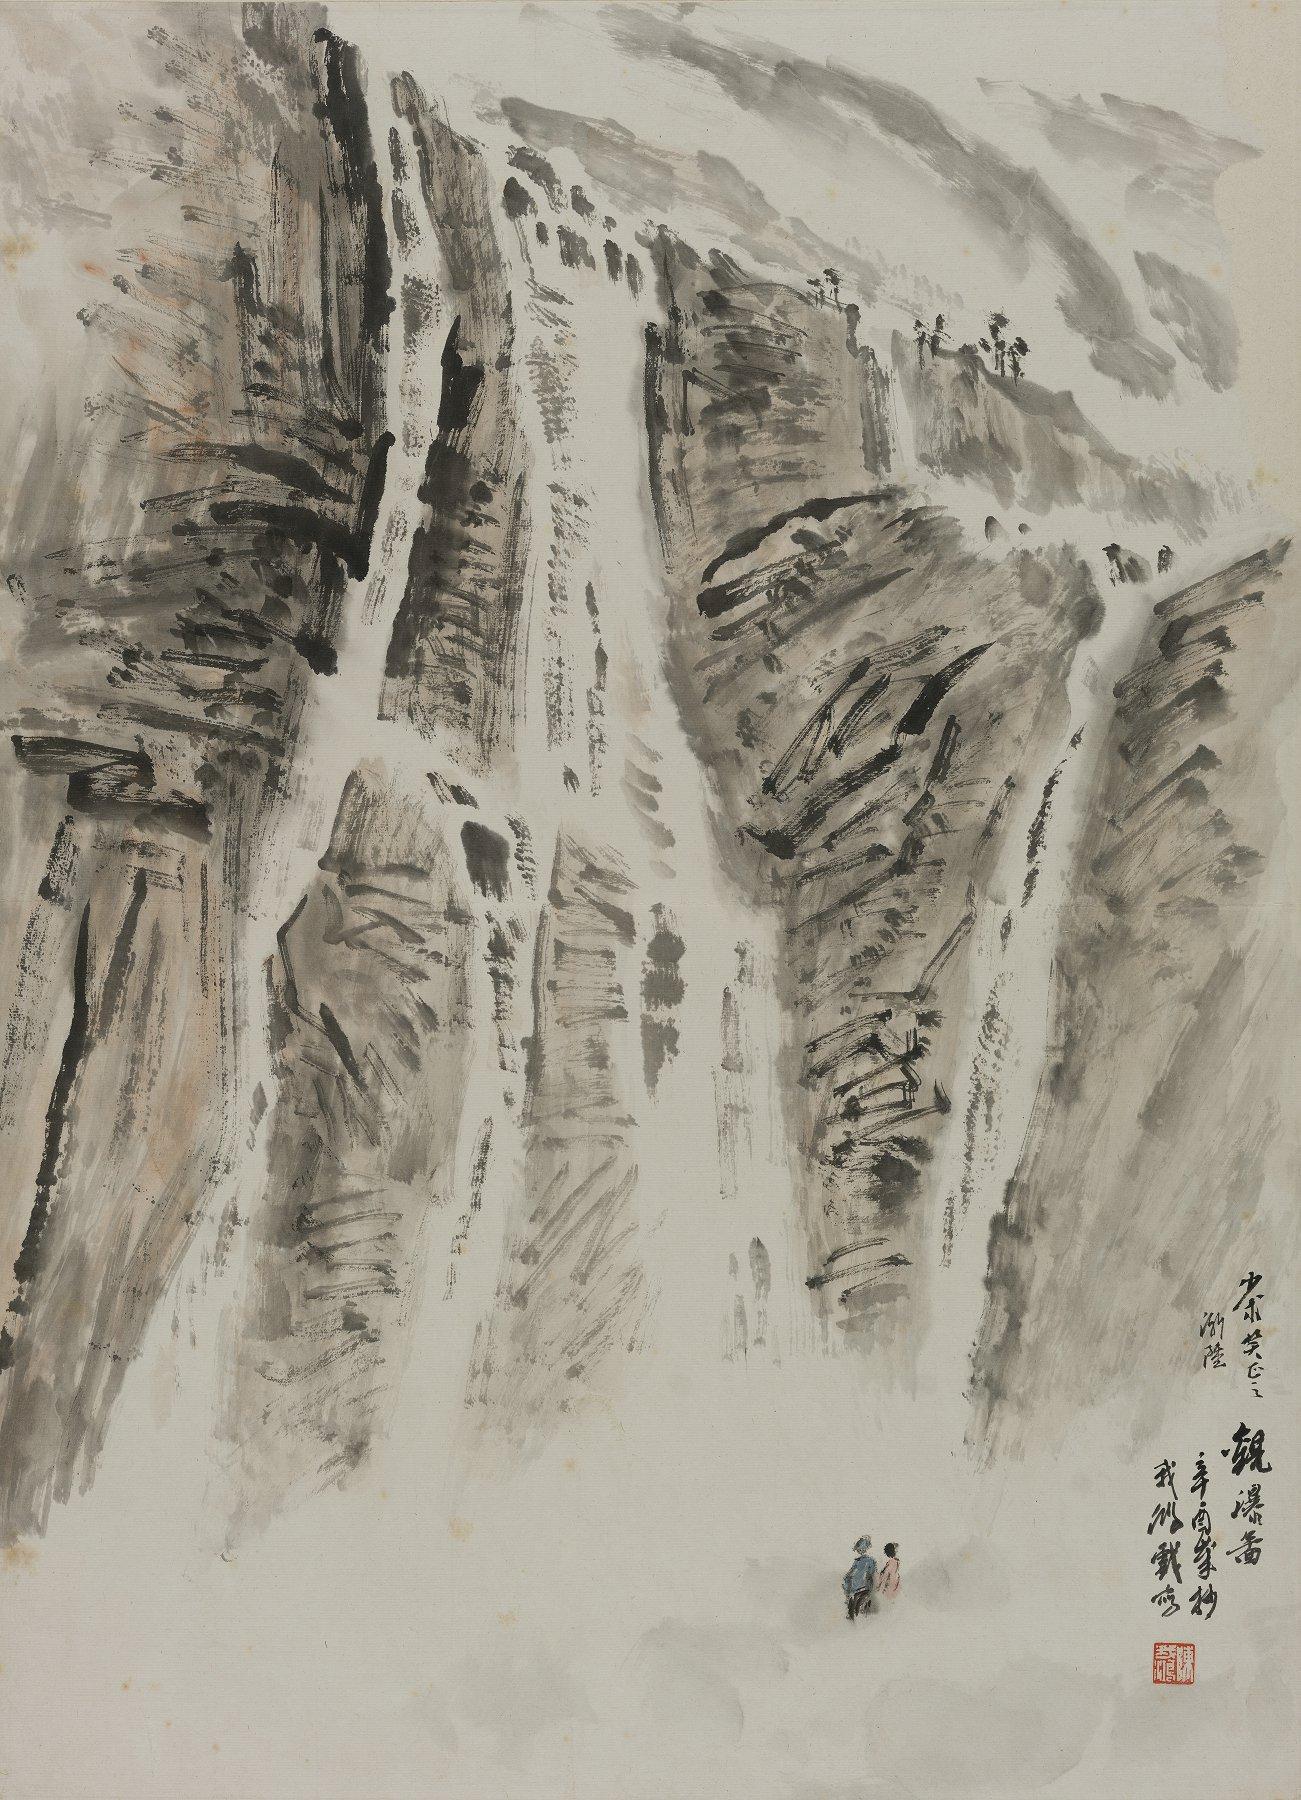 JCDG-966-17